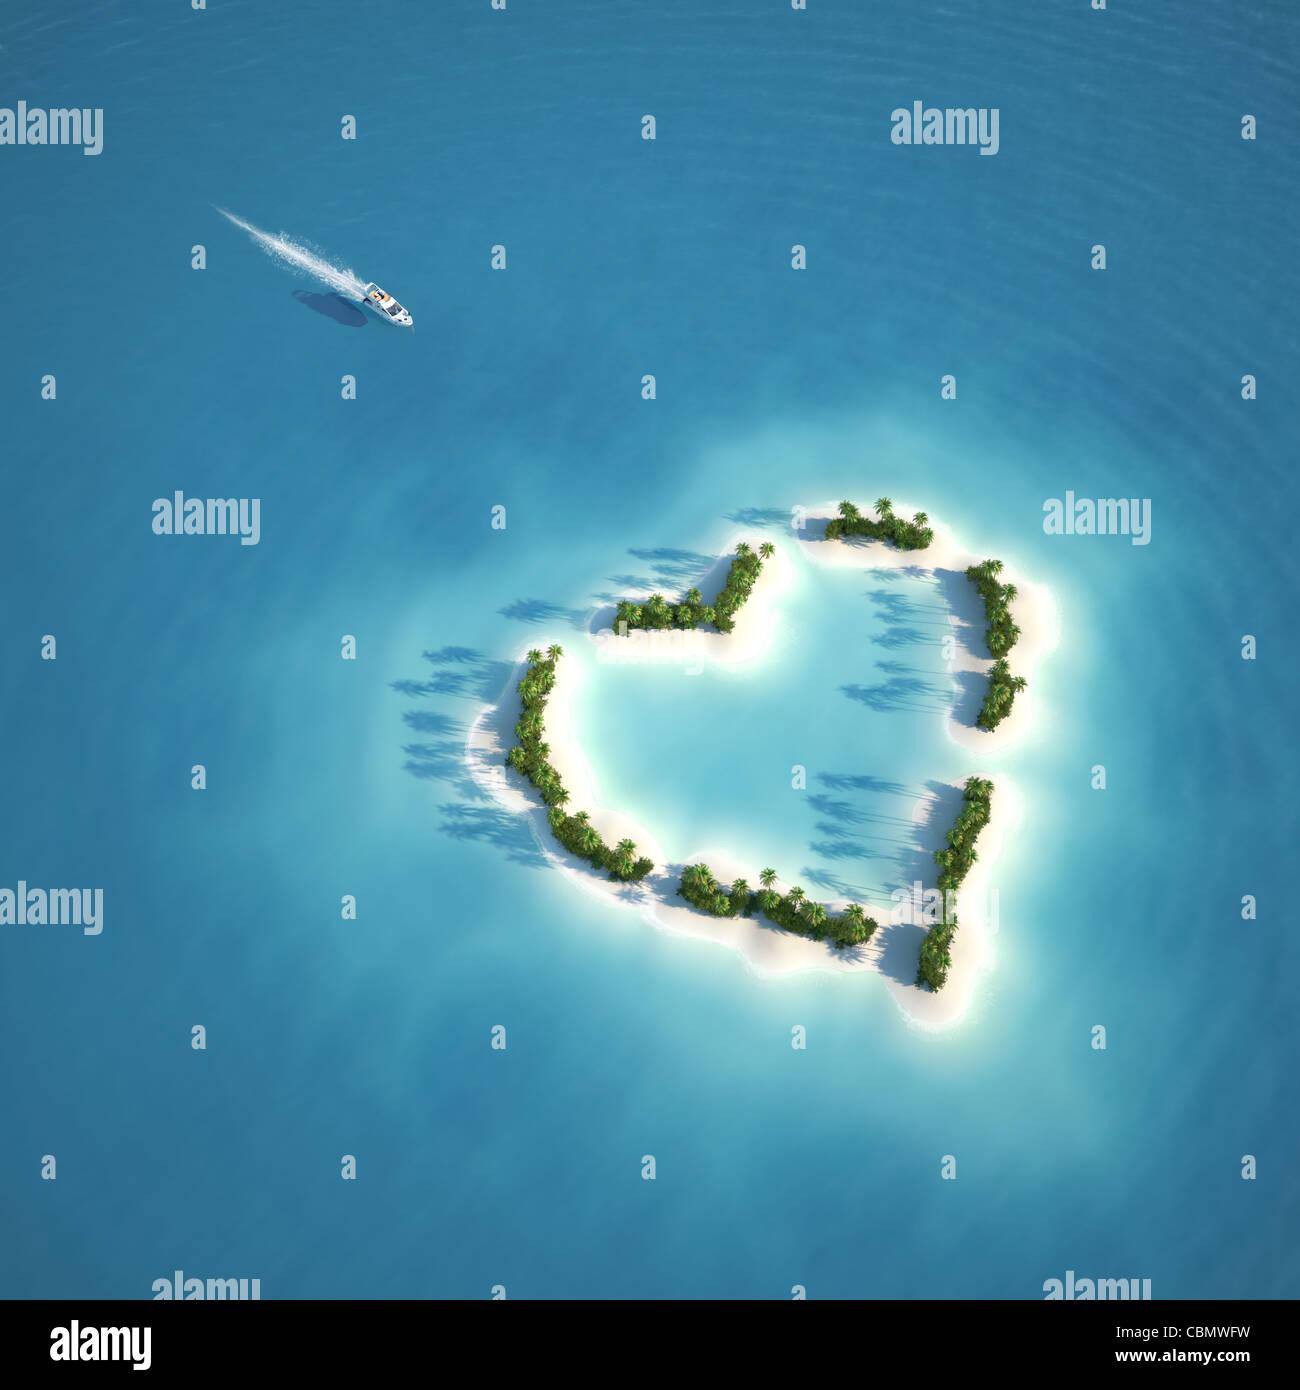 Location de la position de l'île en forme de coeur vu de l'air concept pour des vacances romantiques ou valentines Banque D'Images